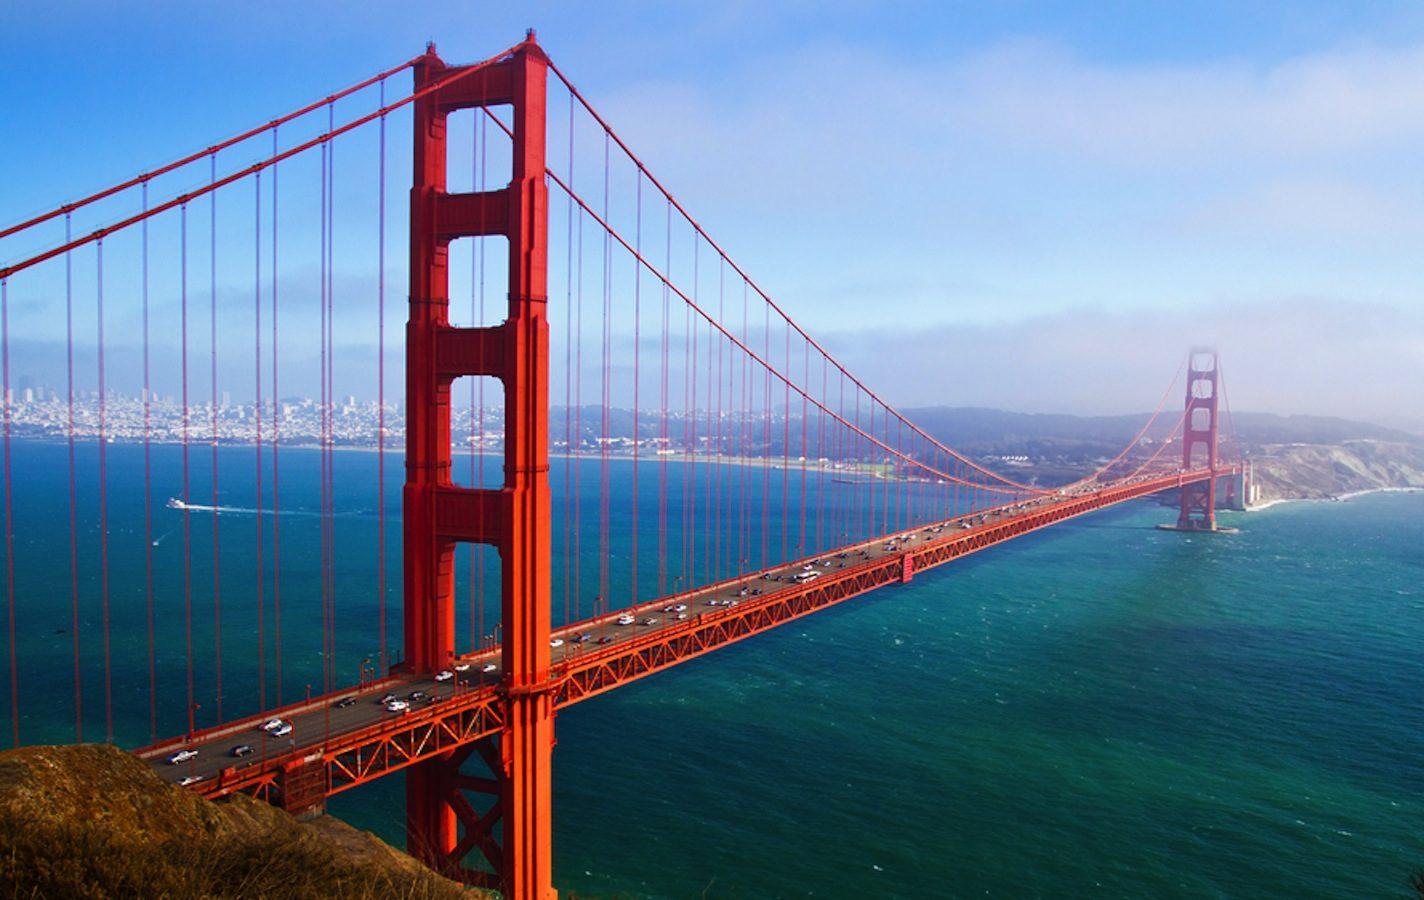 nászút ősszel - golden gate híd